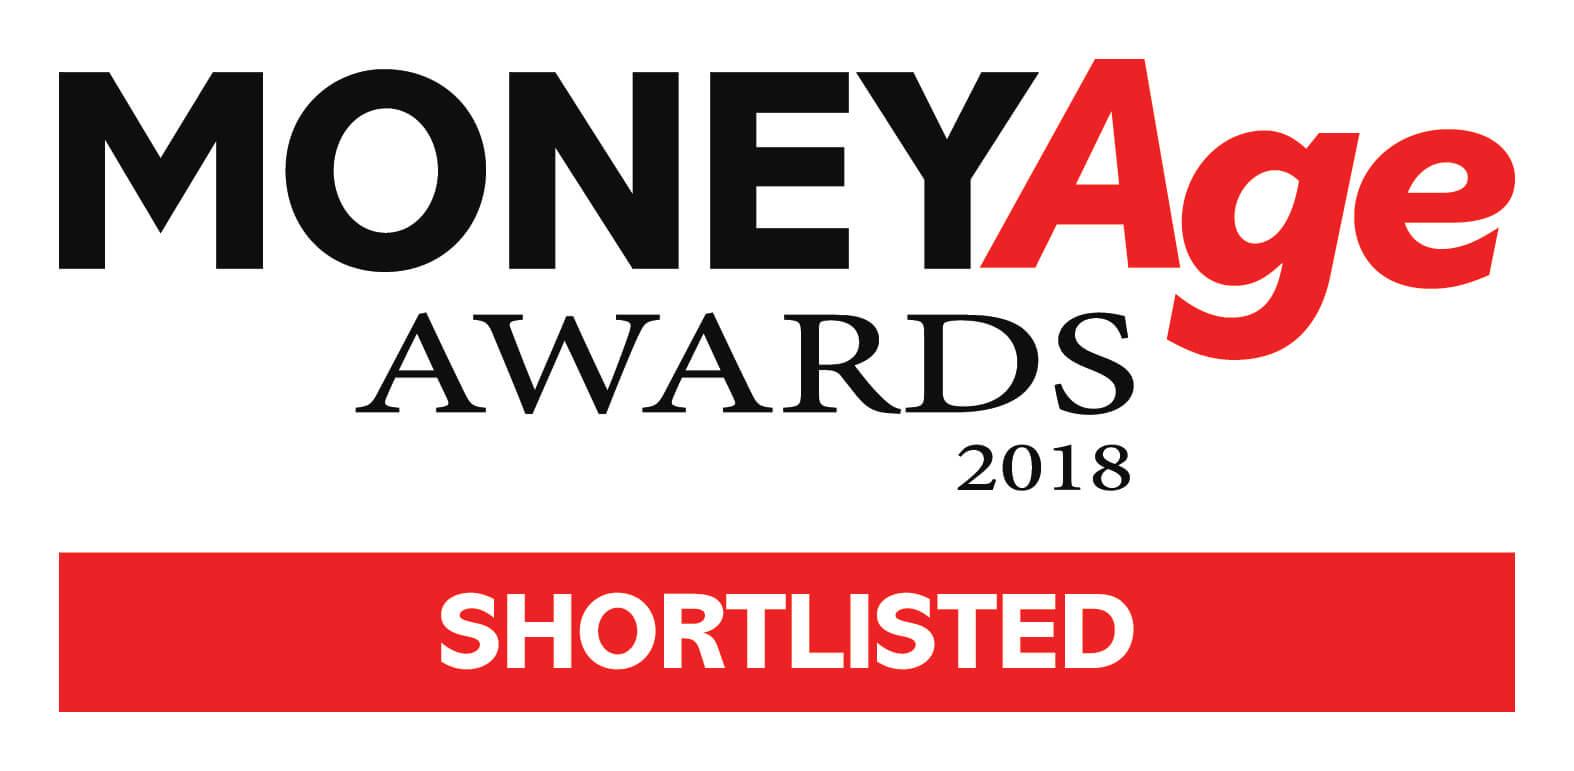 Money Age Awards Shortlisted